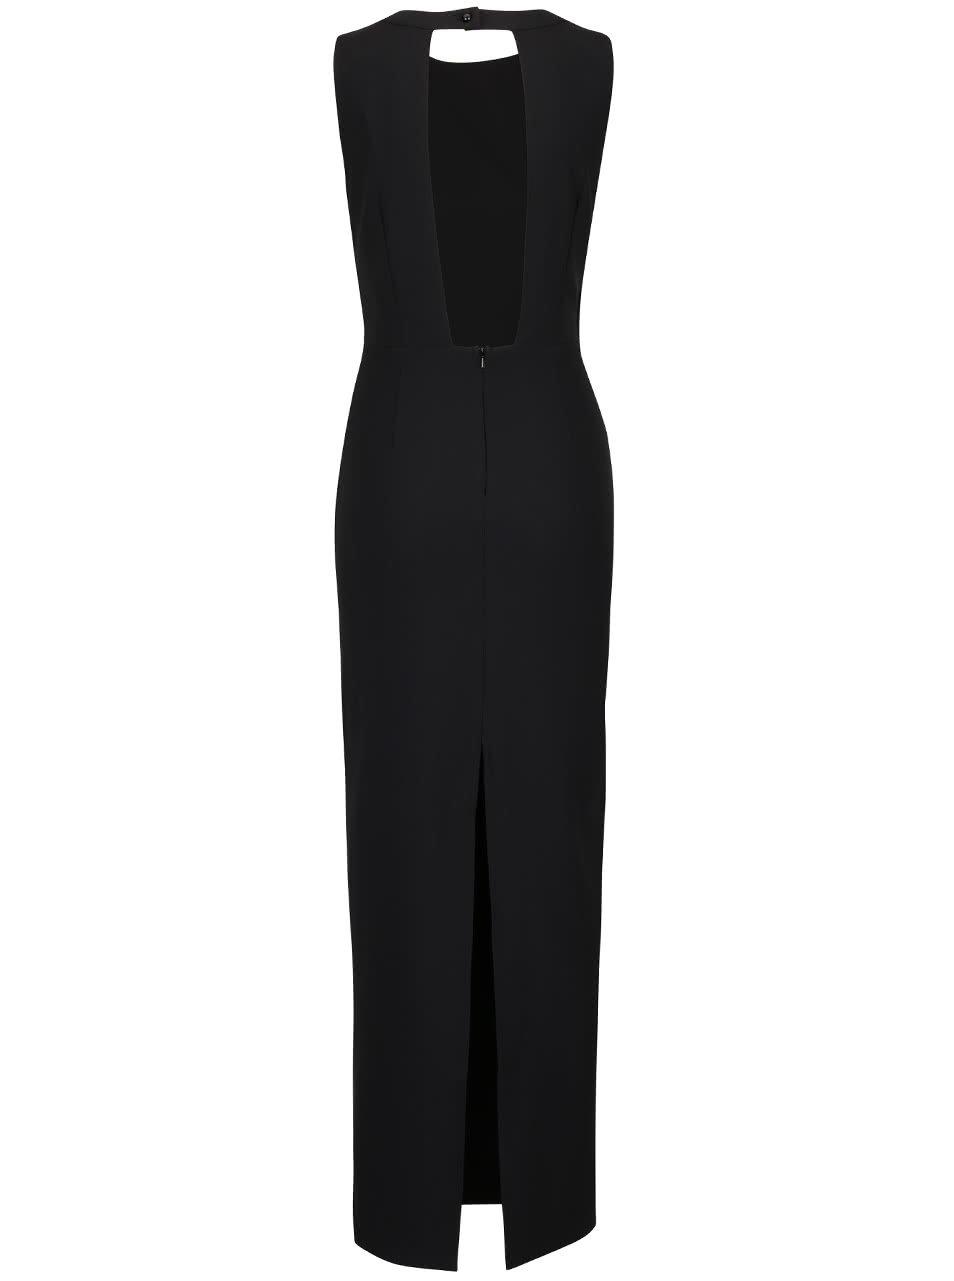 Černé dlouhé šaty s ozdobným detailem na ramenou Little Mistress ... b47e9a0bf8